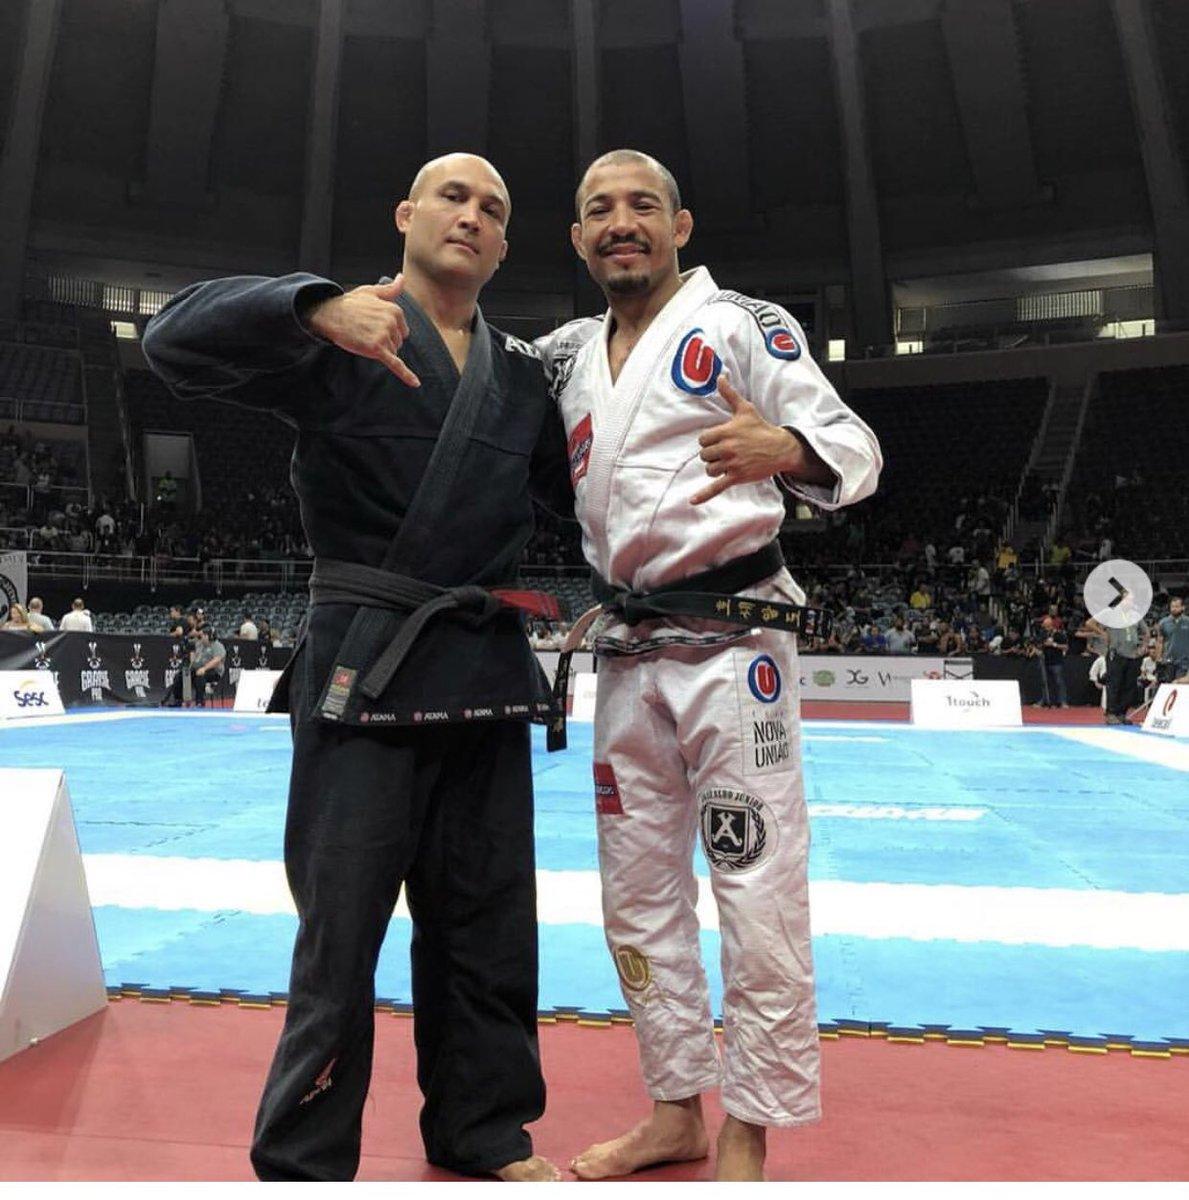 Hoje foi dia de colocar o kimono e fazer uma luta especial com o atleta João no #Graciepro! 👉🏽👊🏽⭐️🥇